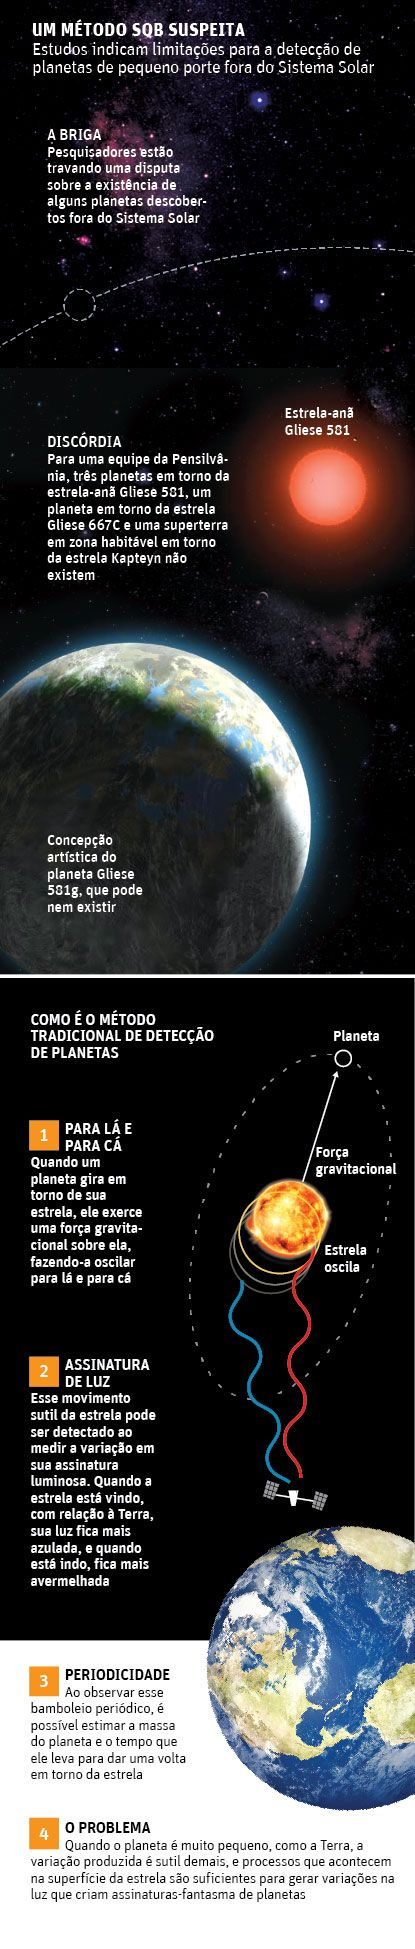 Existência ou não de planetas causa atrito entre cientistas - 28/05/2015 - Ciência - Folha de S.Paulo